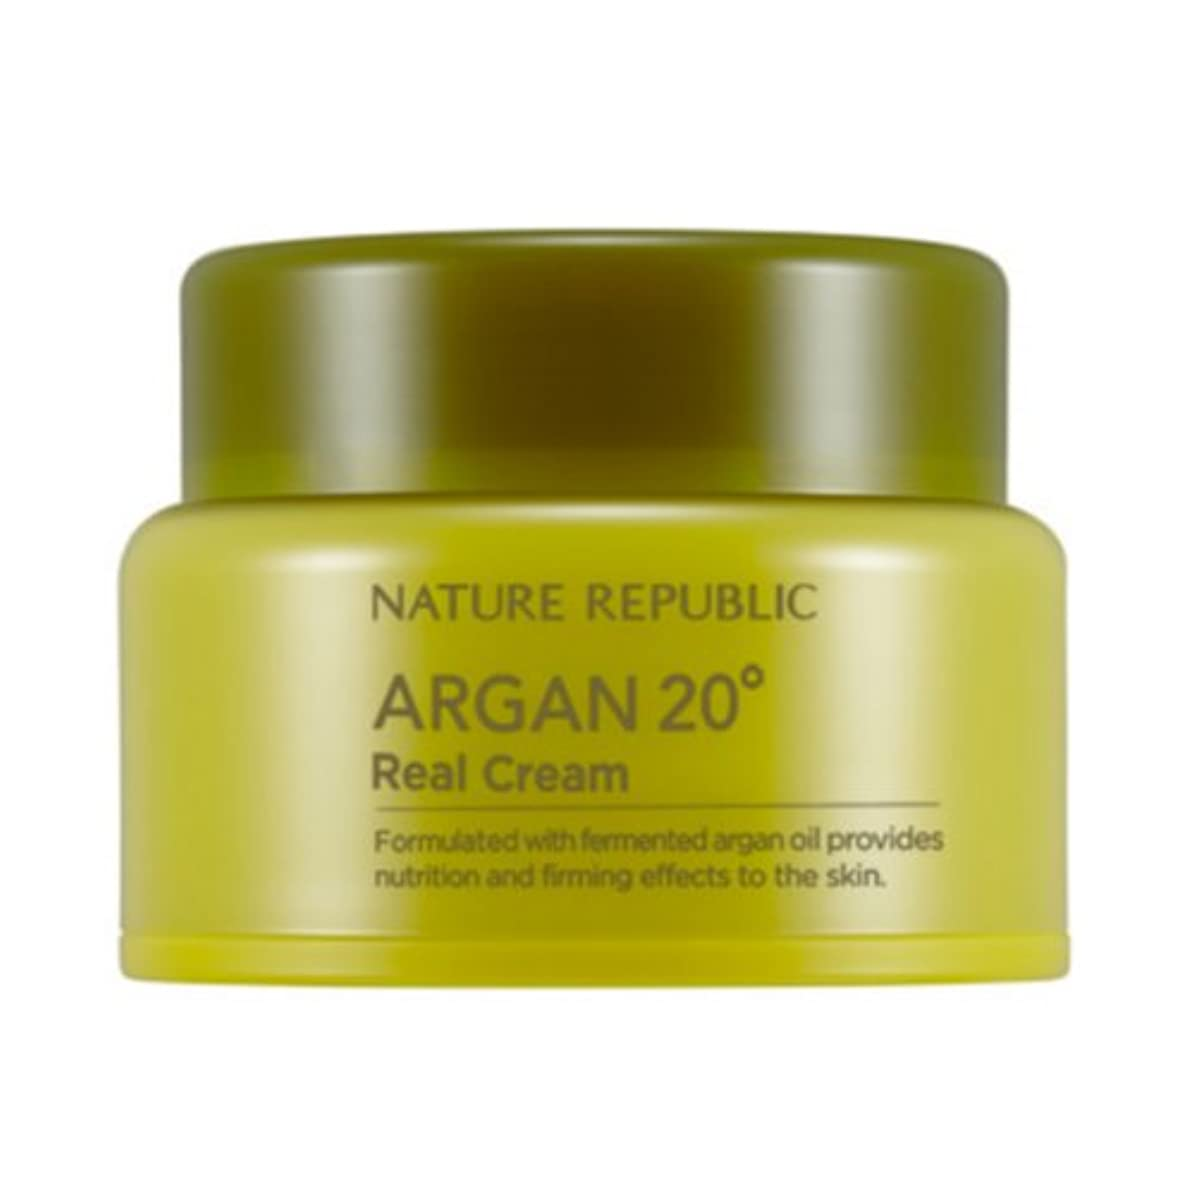 代表して満了ファイター[ネイチャーリパブリック] Nature republicアルガン20ºリアルクリーム海外直送品(Argan20ºReal Cream) [並行輸入品]